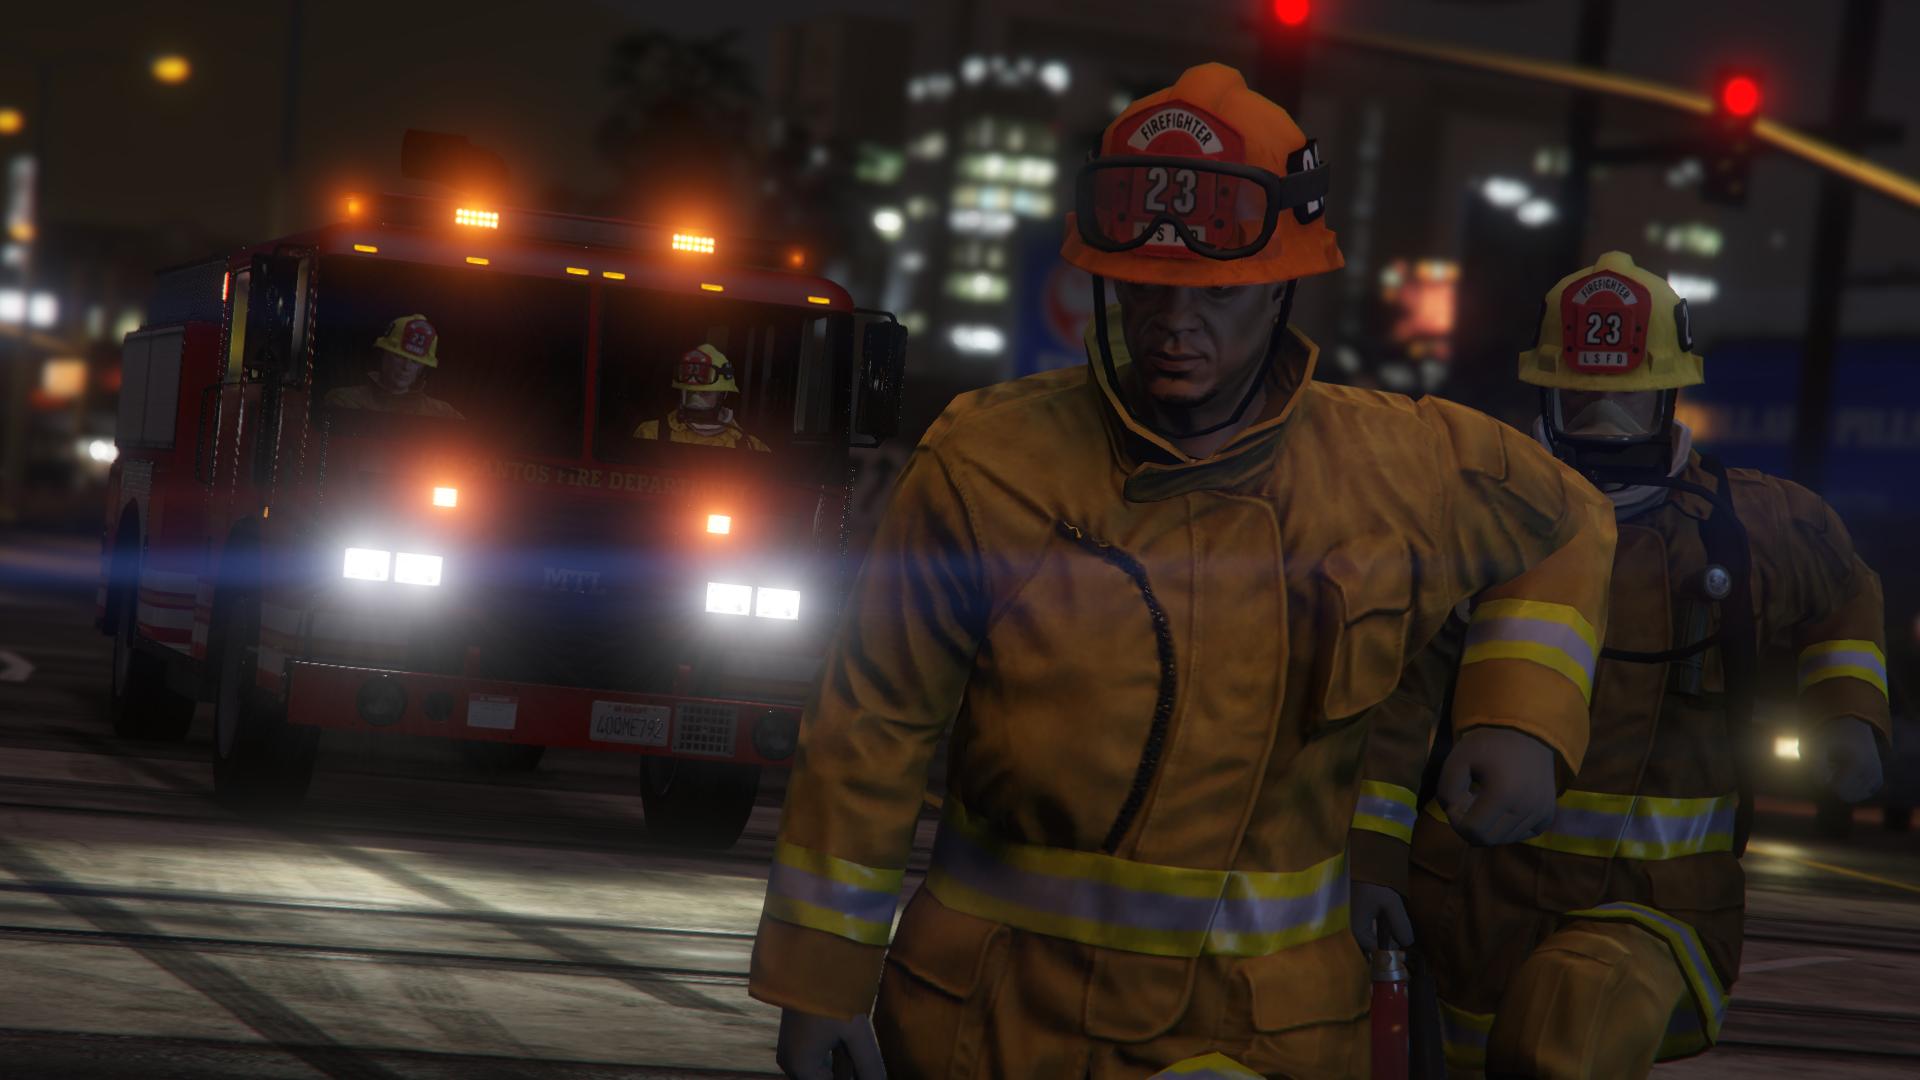 Firefighter Headwear Fix Gta5 Modscom